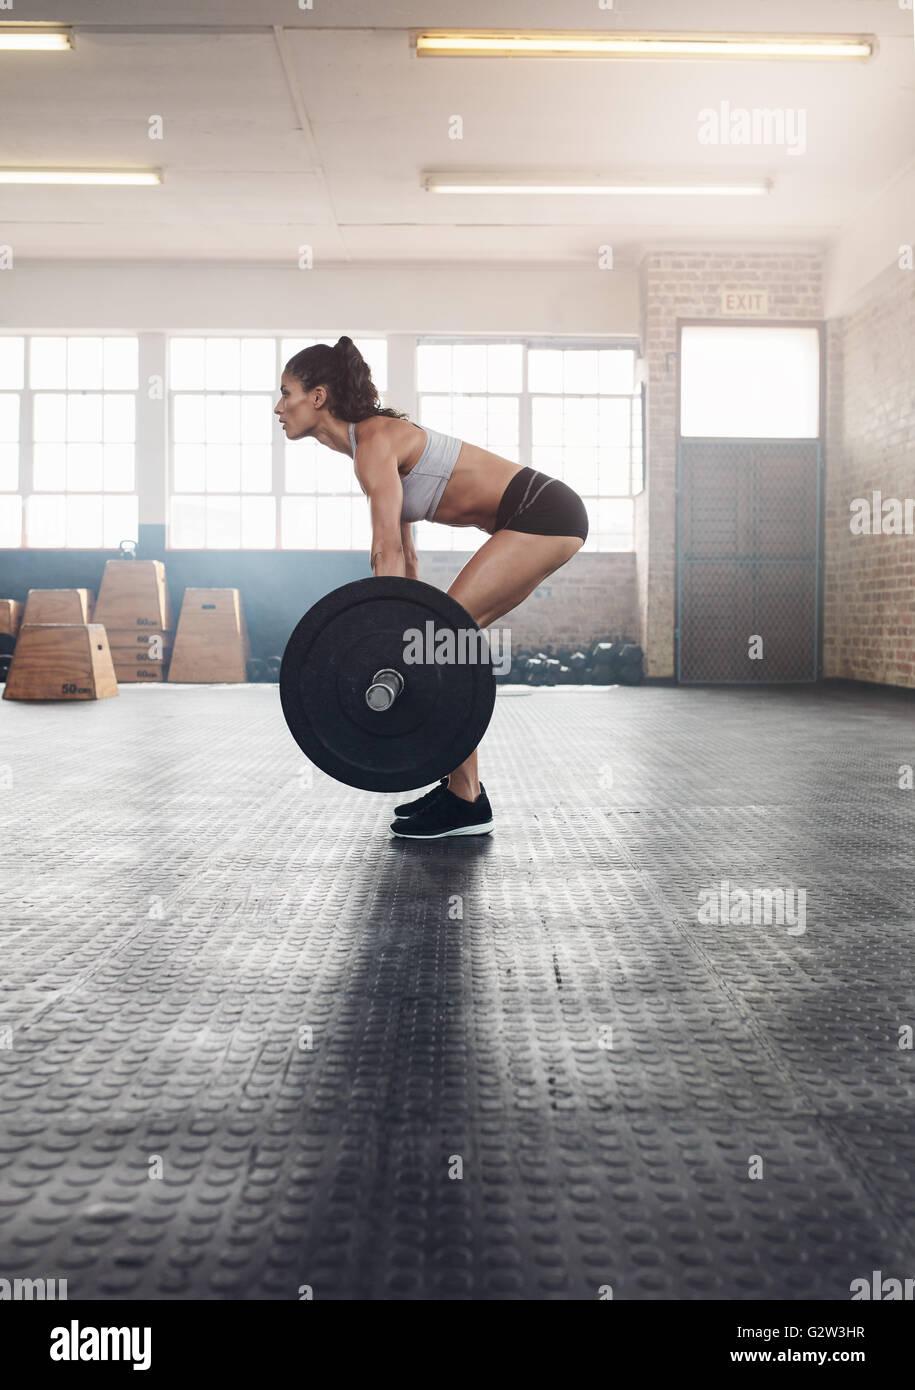 Vista laterale della donna fitness ginnastica con pesi pesanti in palestra. Donna muscolare praticare il sollevamento Immagini Stock